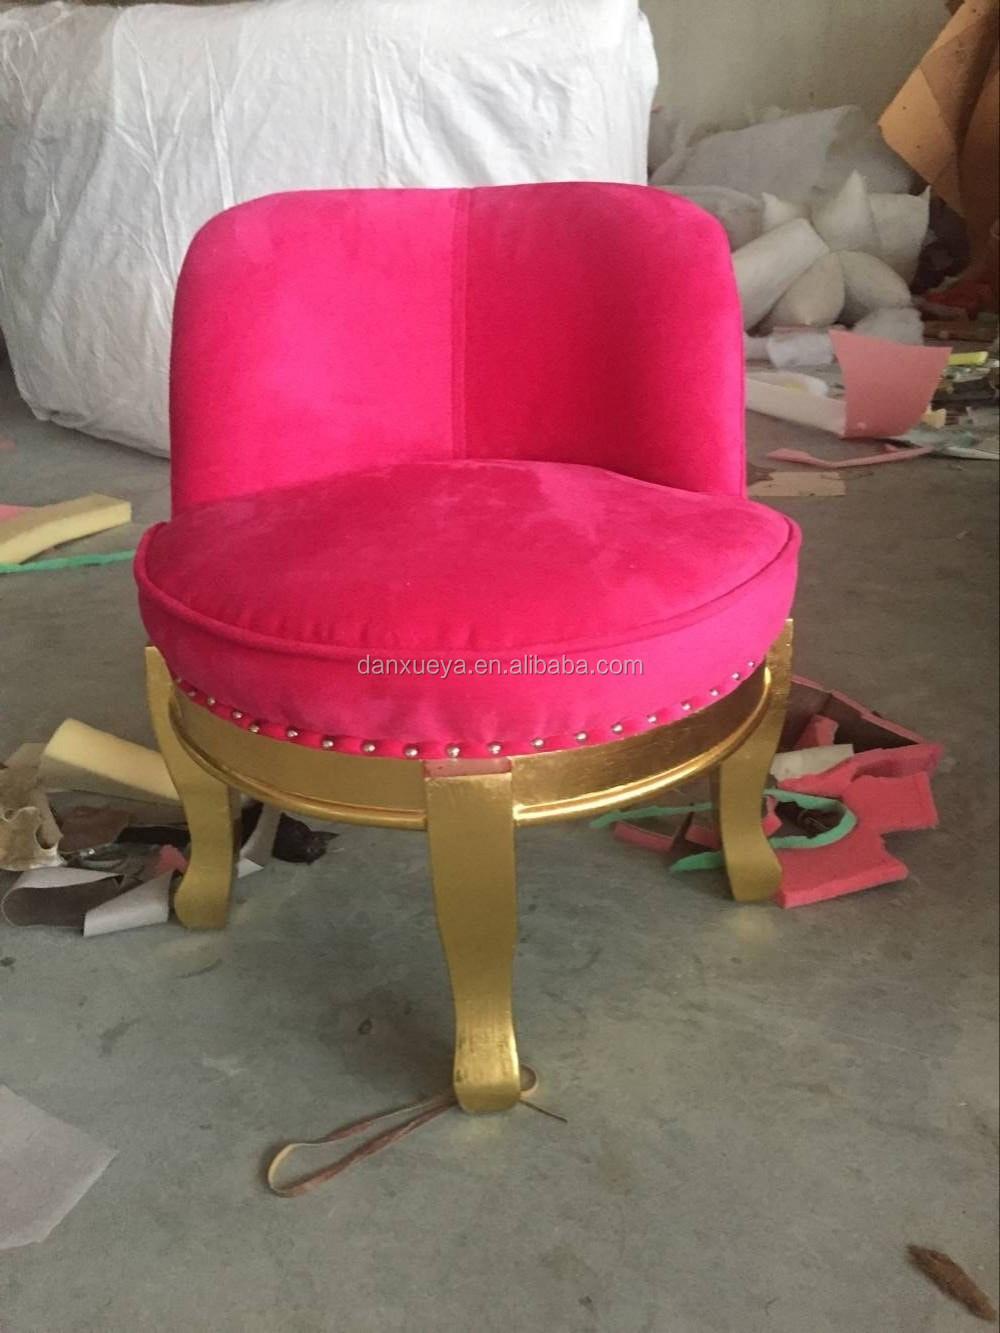 Nail Salon Furniture Nails Salon Decorations Pink Nail